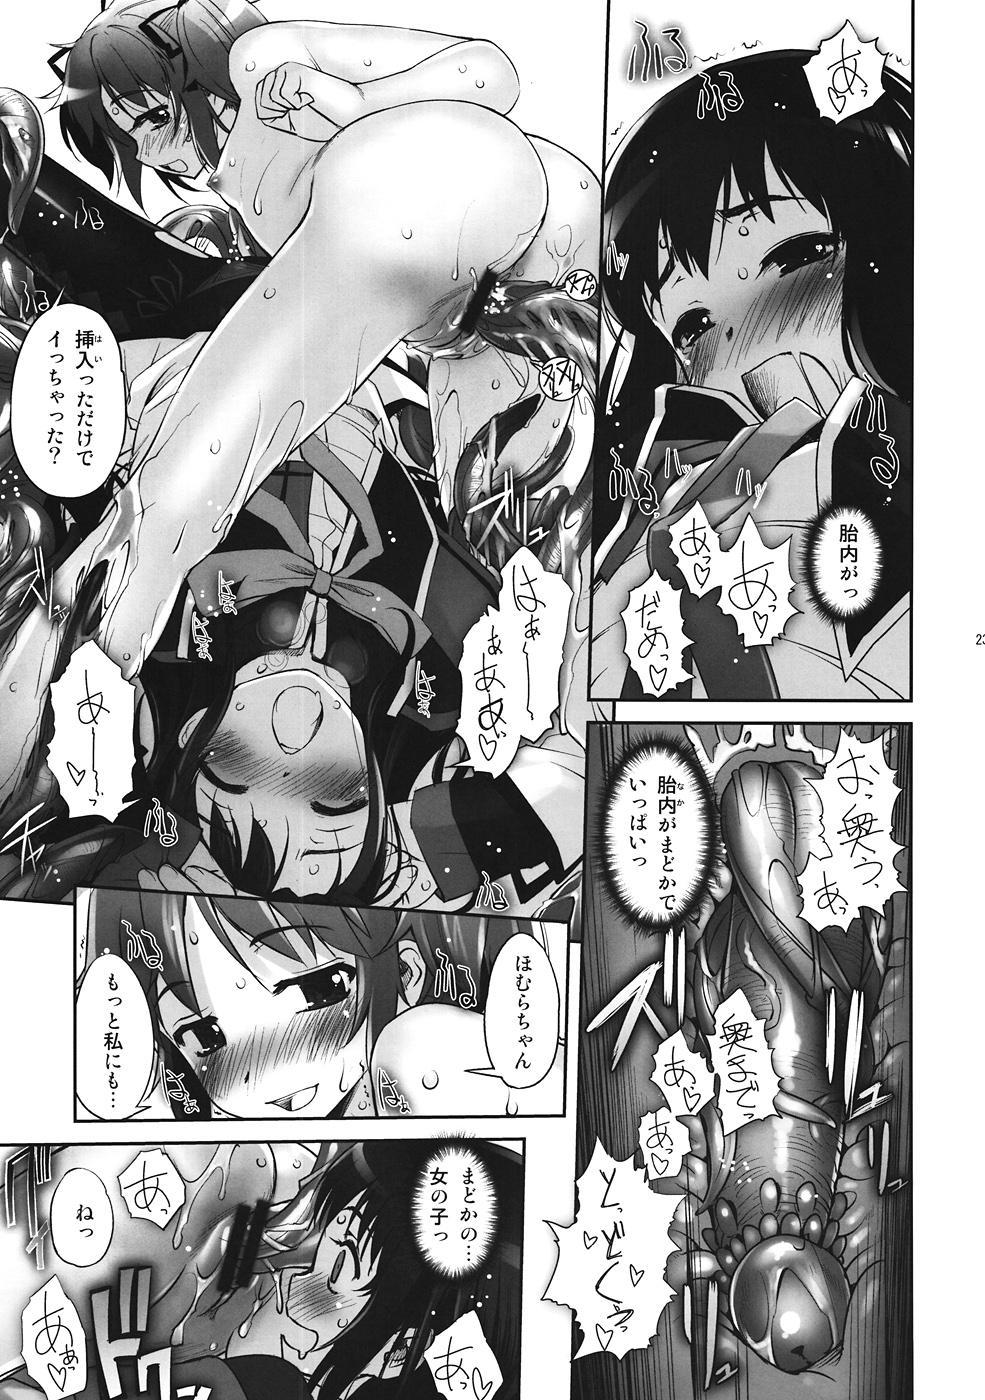 M☆M Erotic 21